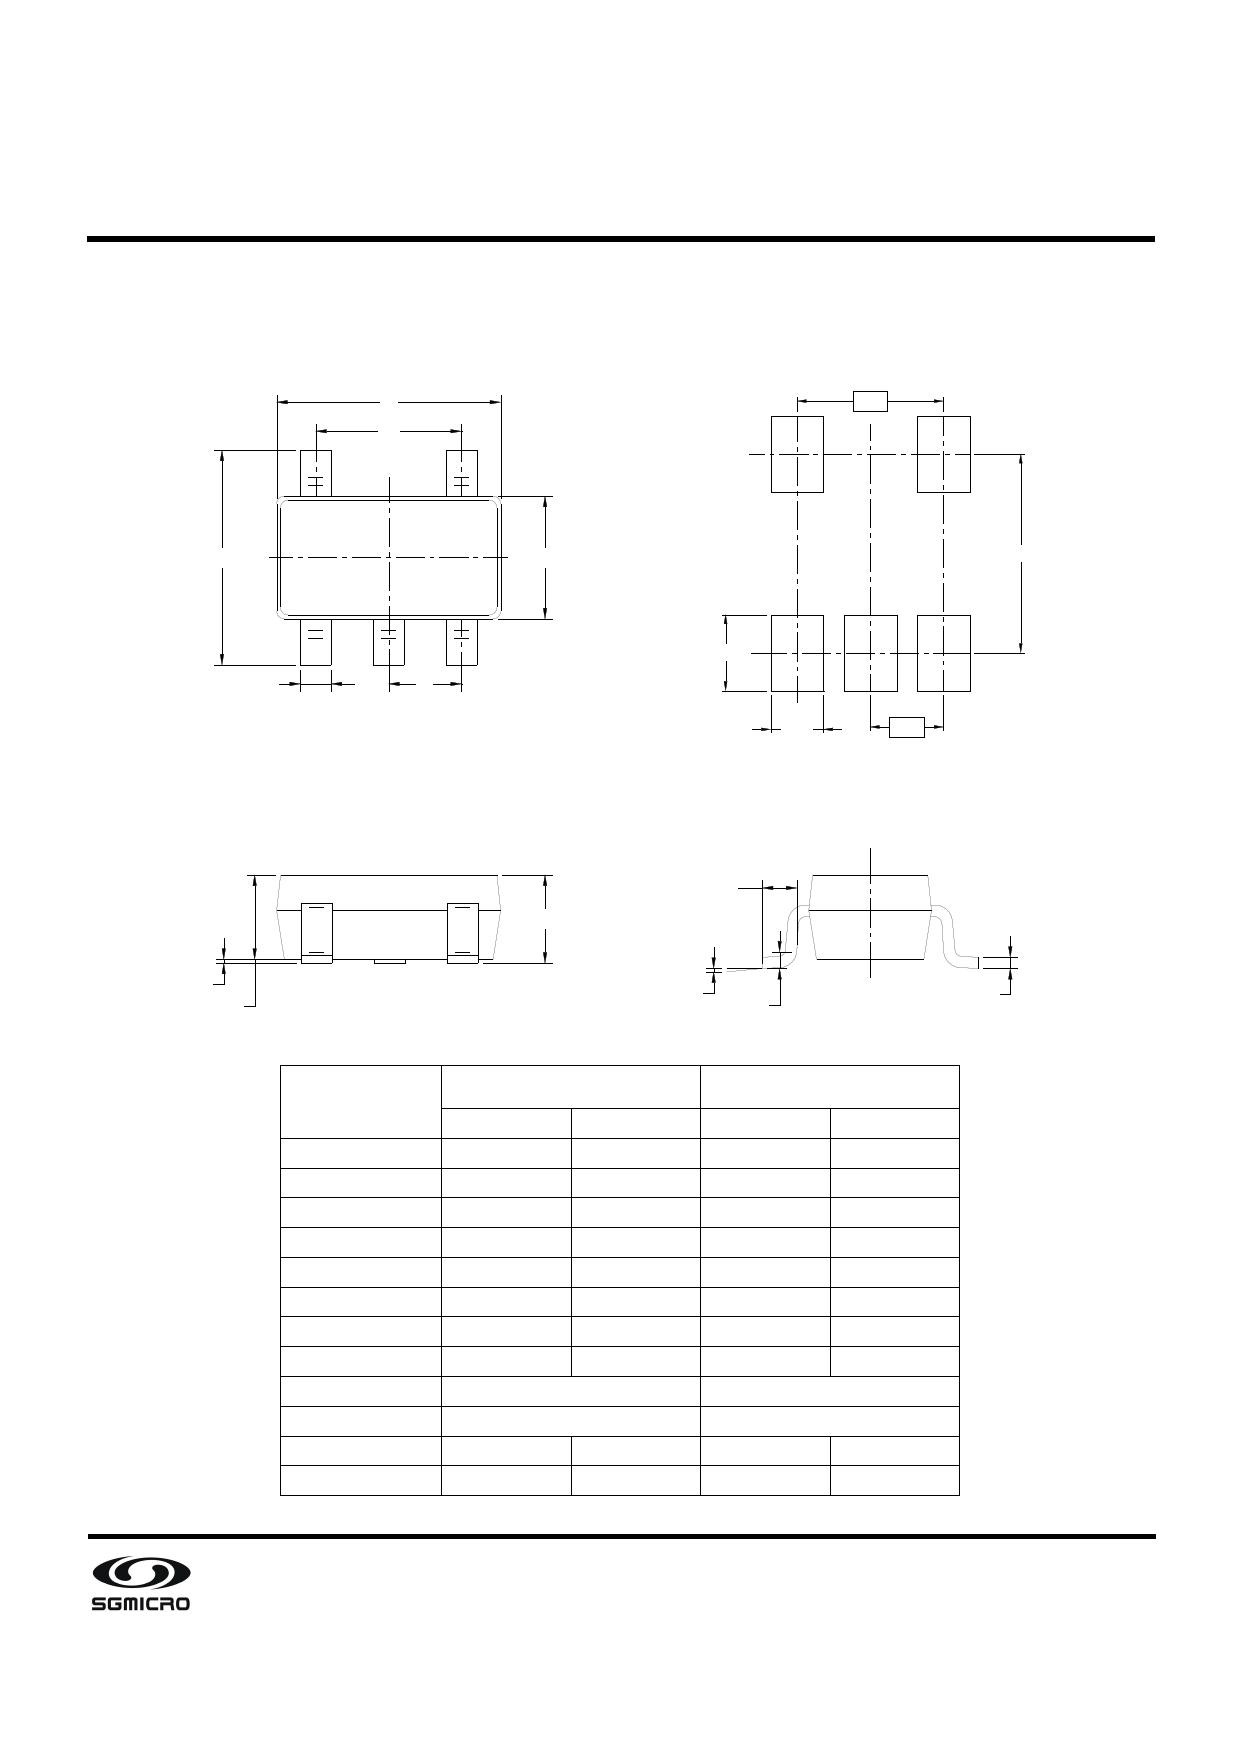 SGM8581 diode, scr